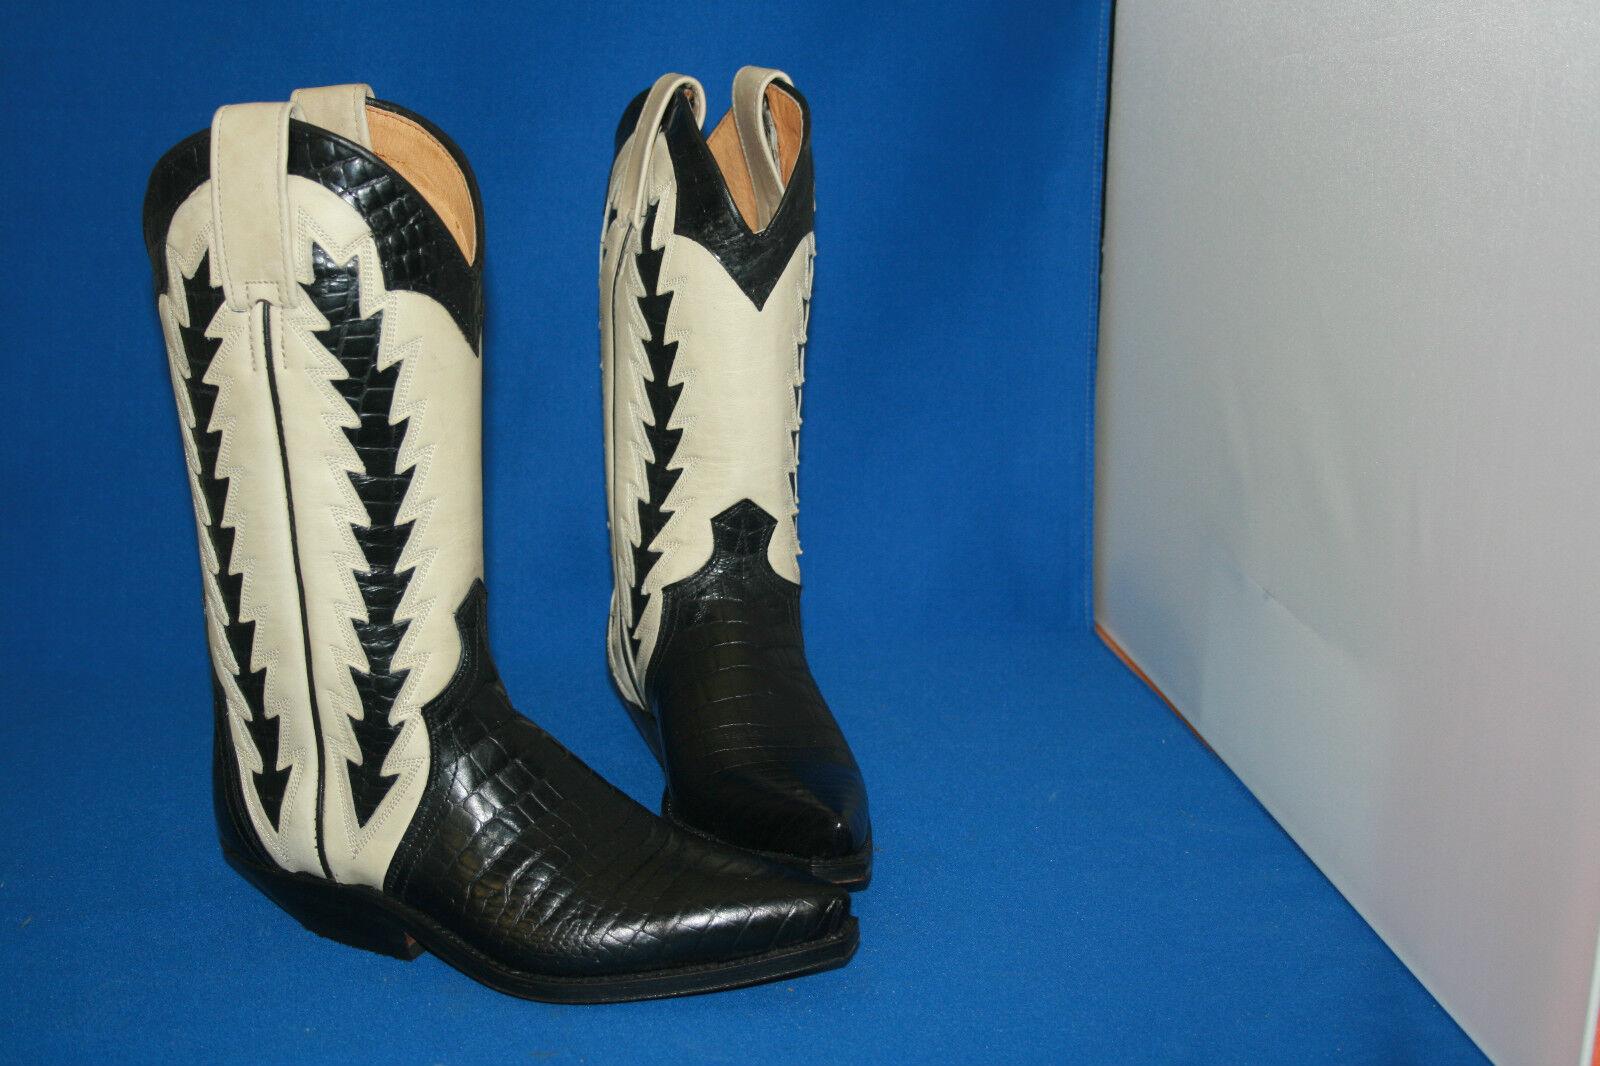 Prime Stivali Cowboy Stivali Stivali Western Stivali Nuovo Gr. 37 Nero Nero 37 Bianco 67a231